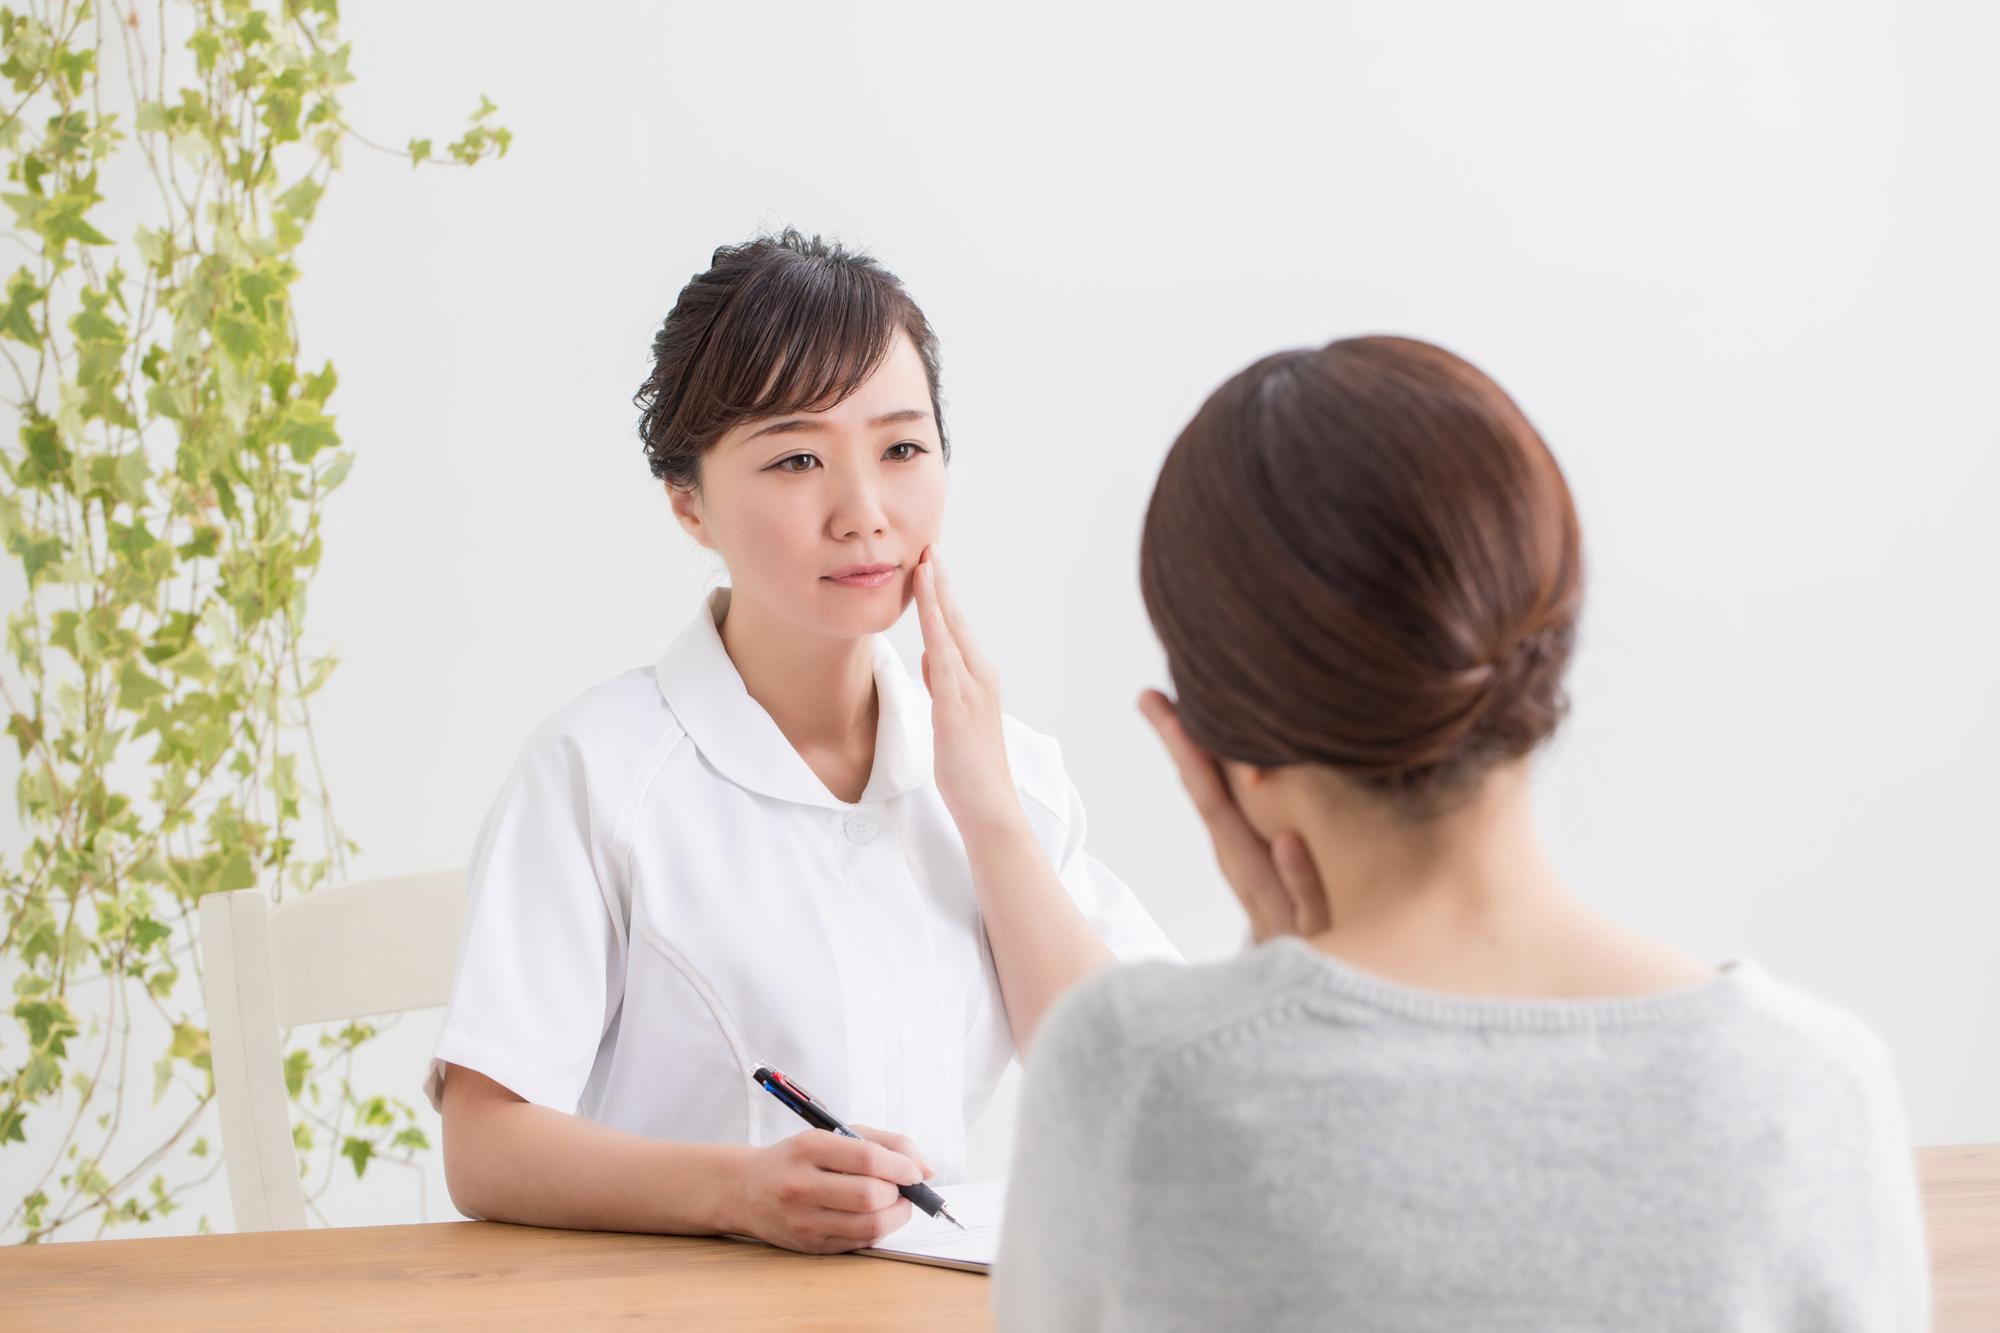 診断を受ける女性のイメージ